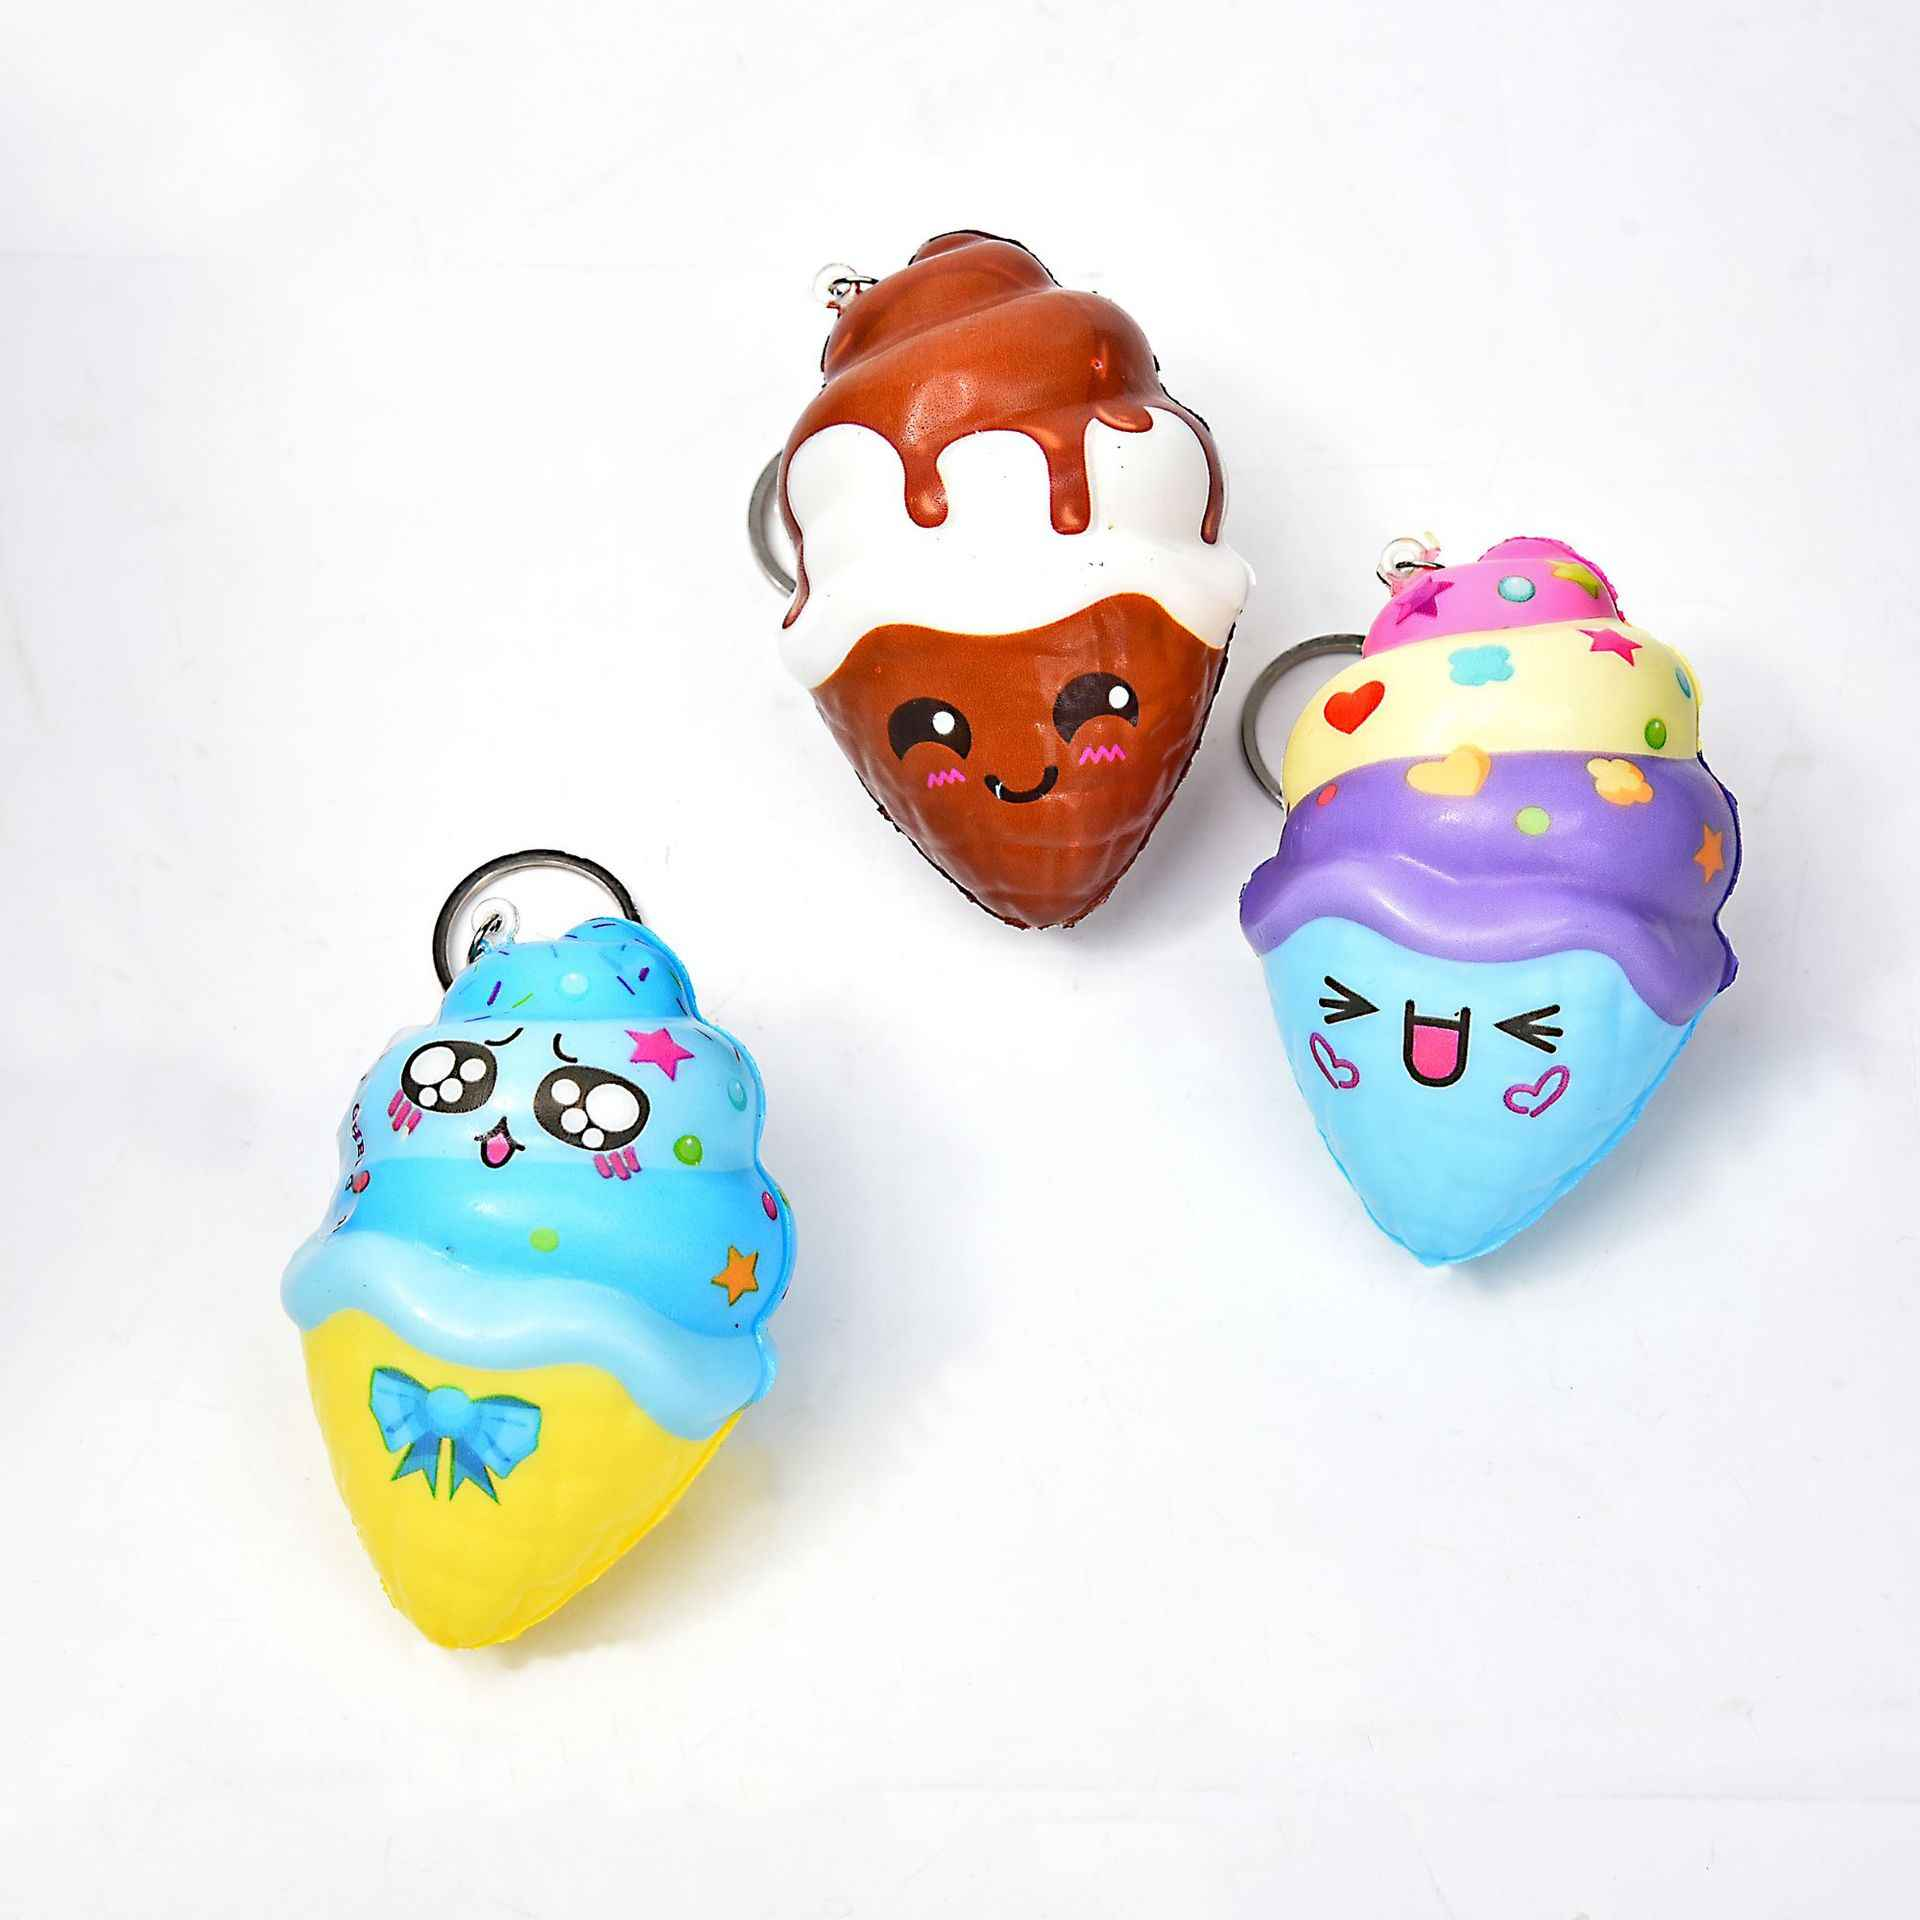 Антистресс мягкие медленно поднимающиеся забавные гаджеты для детей, облегчение стресса, милые сквиши, ПУ брелок, новые сжимаемые сквичи, новинка, игрушки